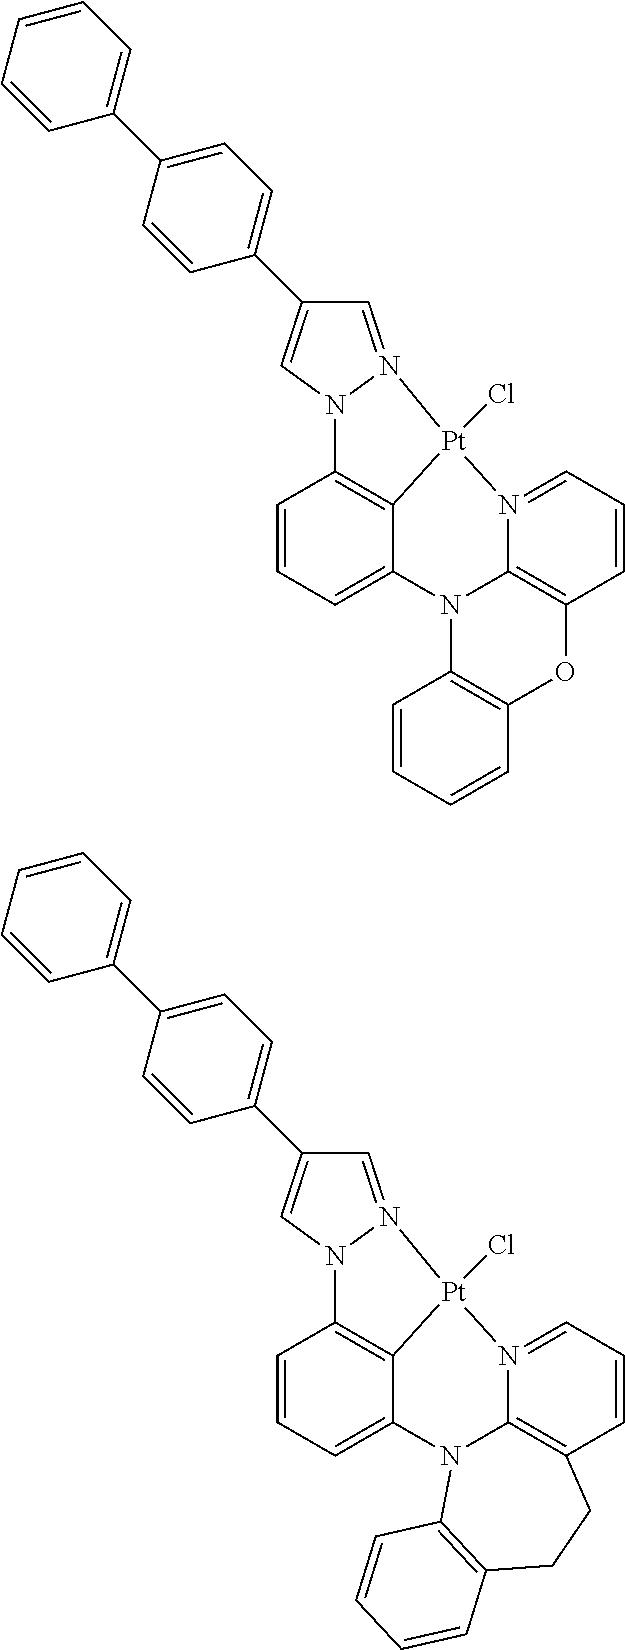 Figure US09818959-20171114-C00143